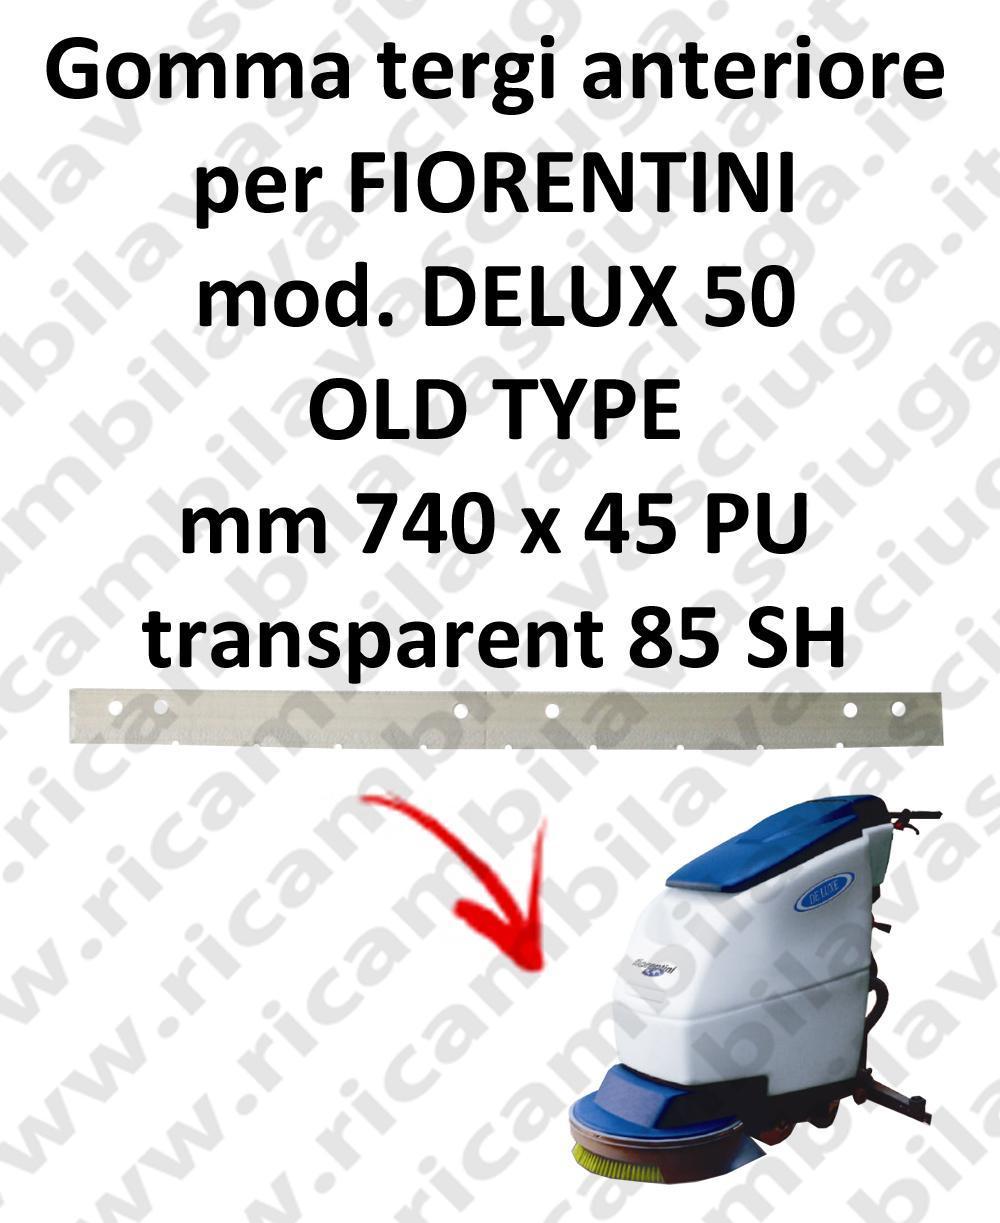 DELUX 50 old type Vorne Sauglippen für scheuersaugmaschinen FIORENTINI